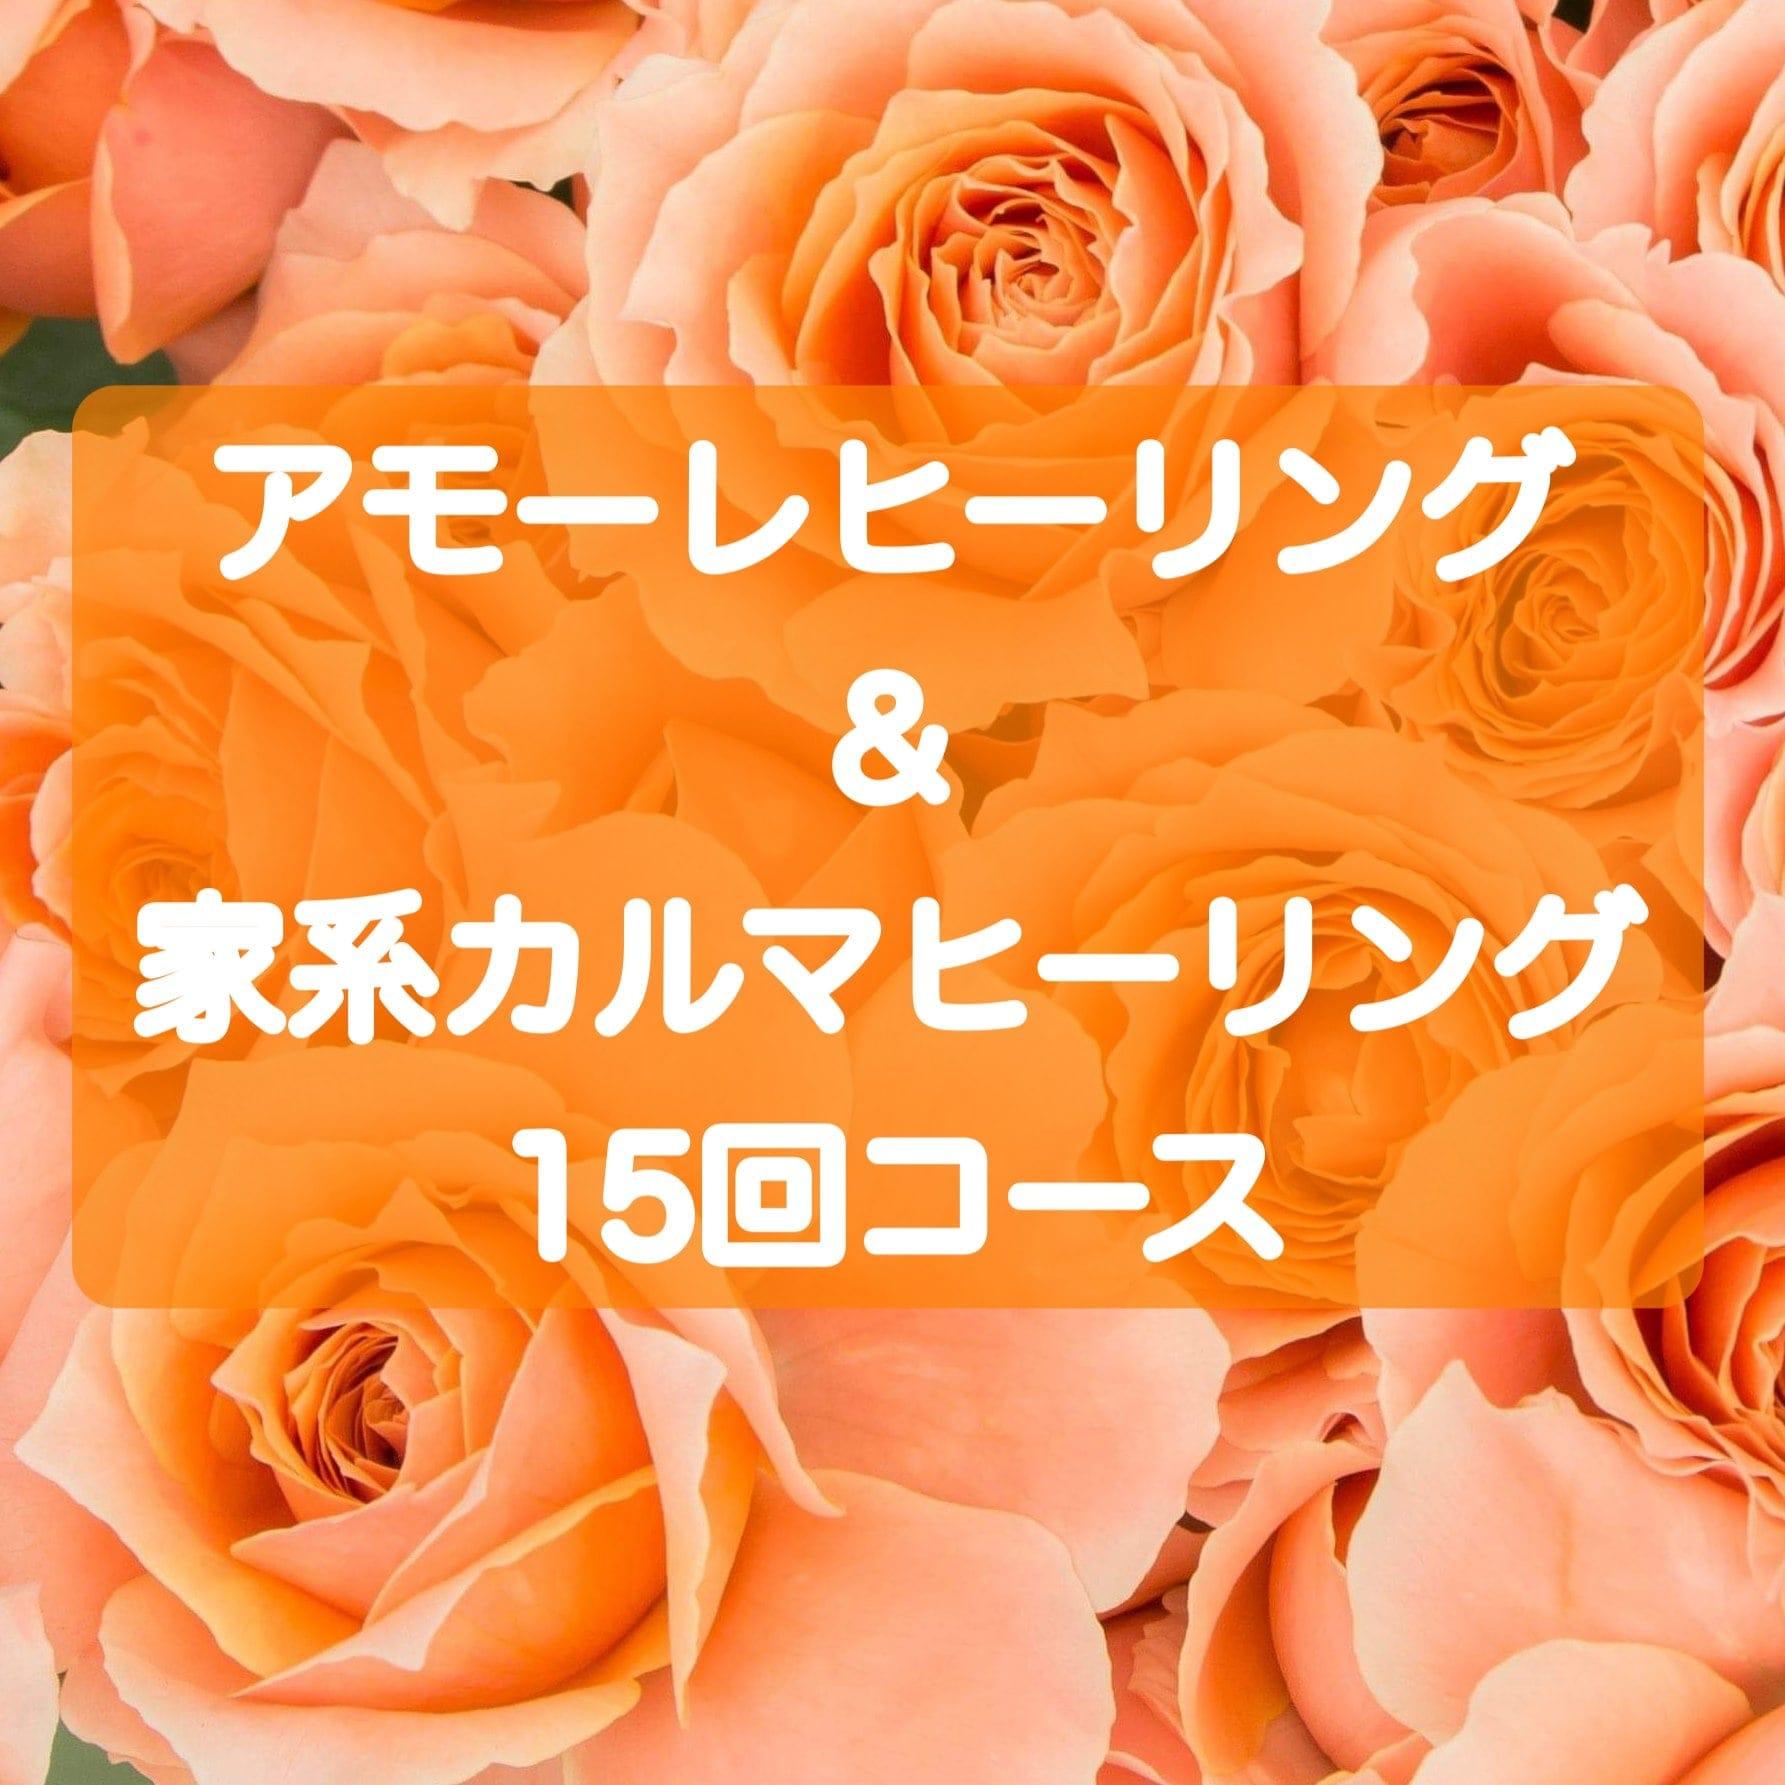 アモーレヒーリング+家系カルマヒーリング 120分x15回コース 「ドMモードの人生すごろく盤」をイージーモードに変えてアモーレでハッピーな人生に♪のイメージその1